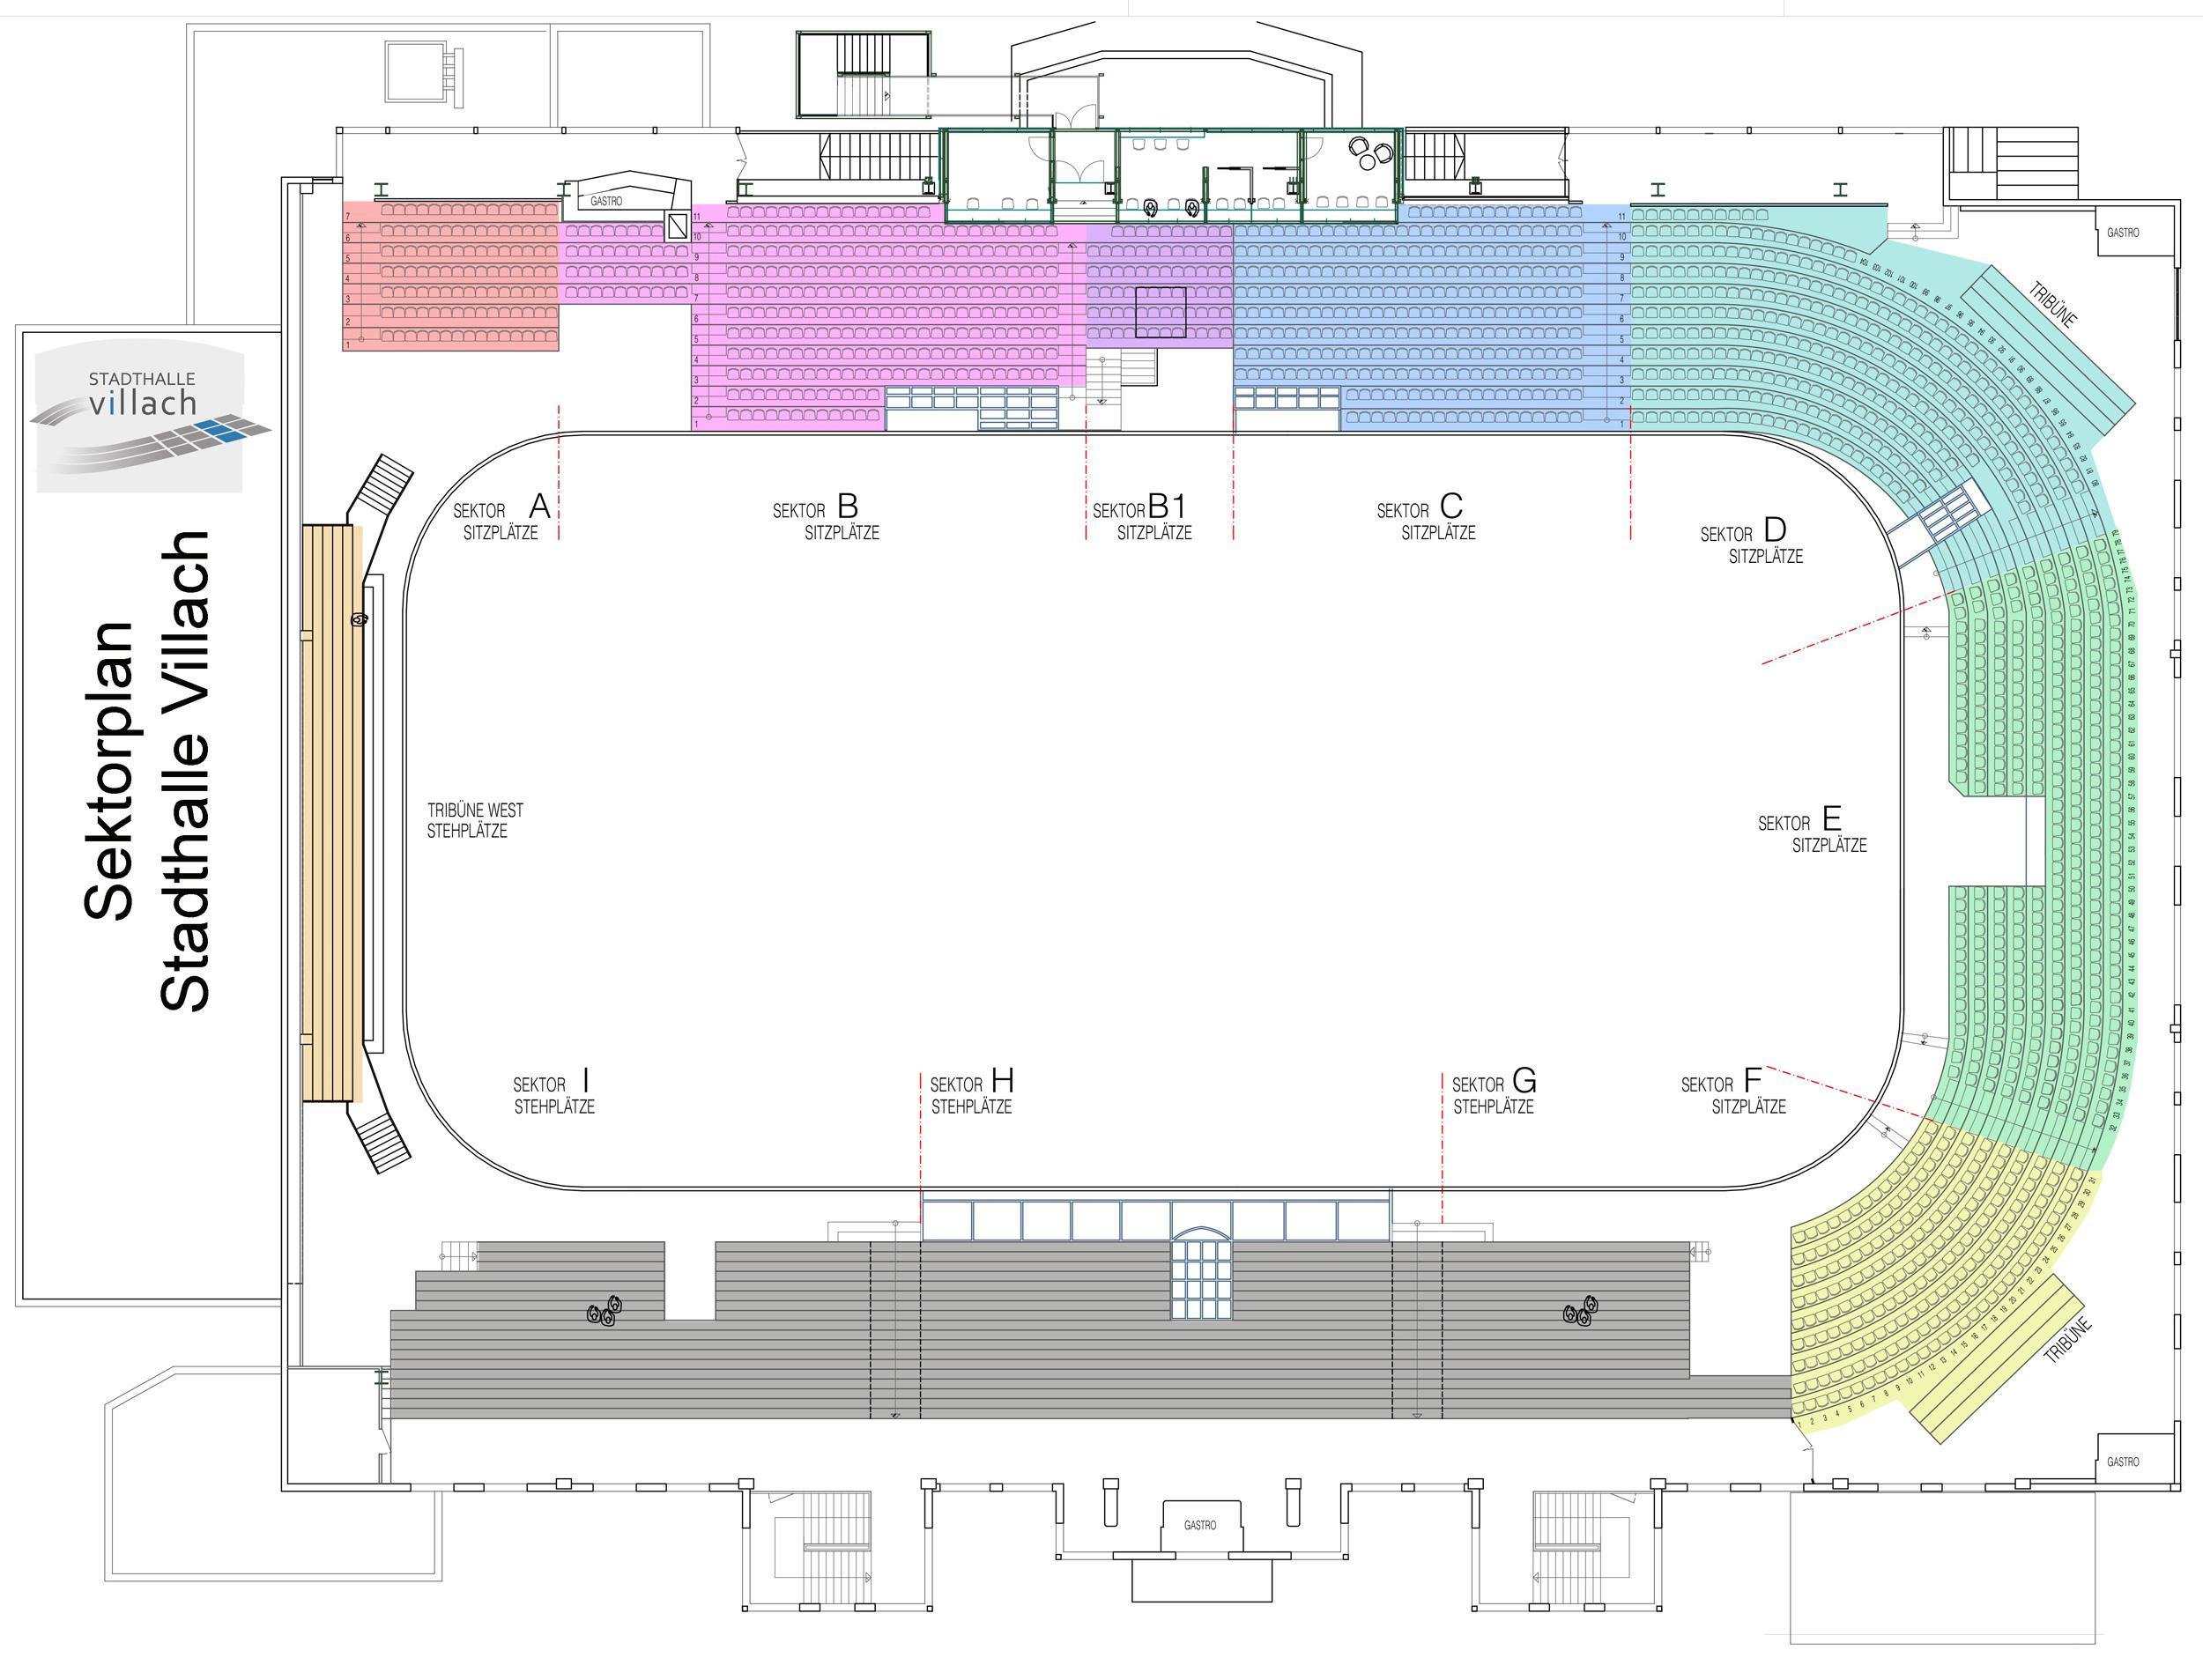 Sektorenplan der Stadthalle Villach